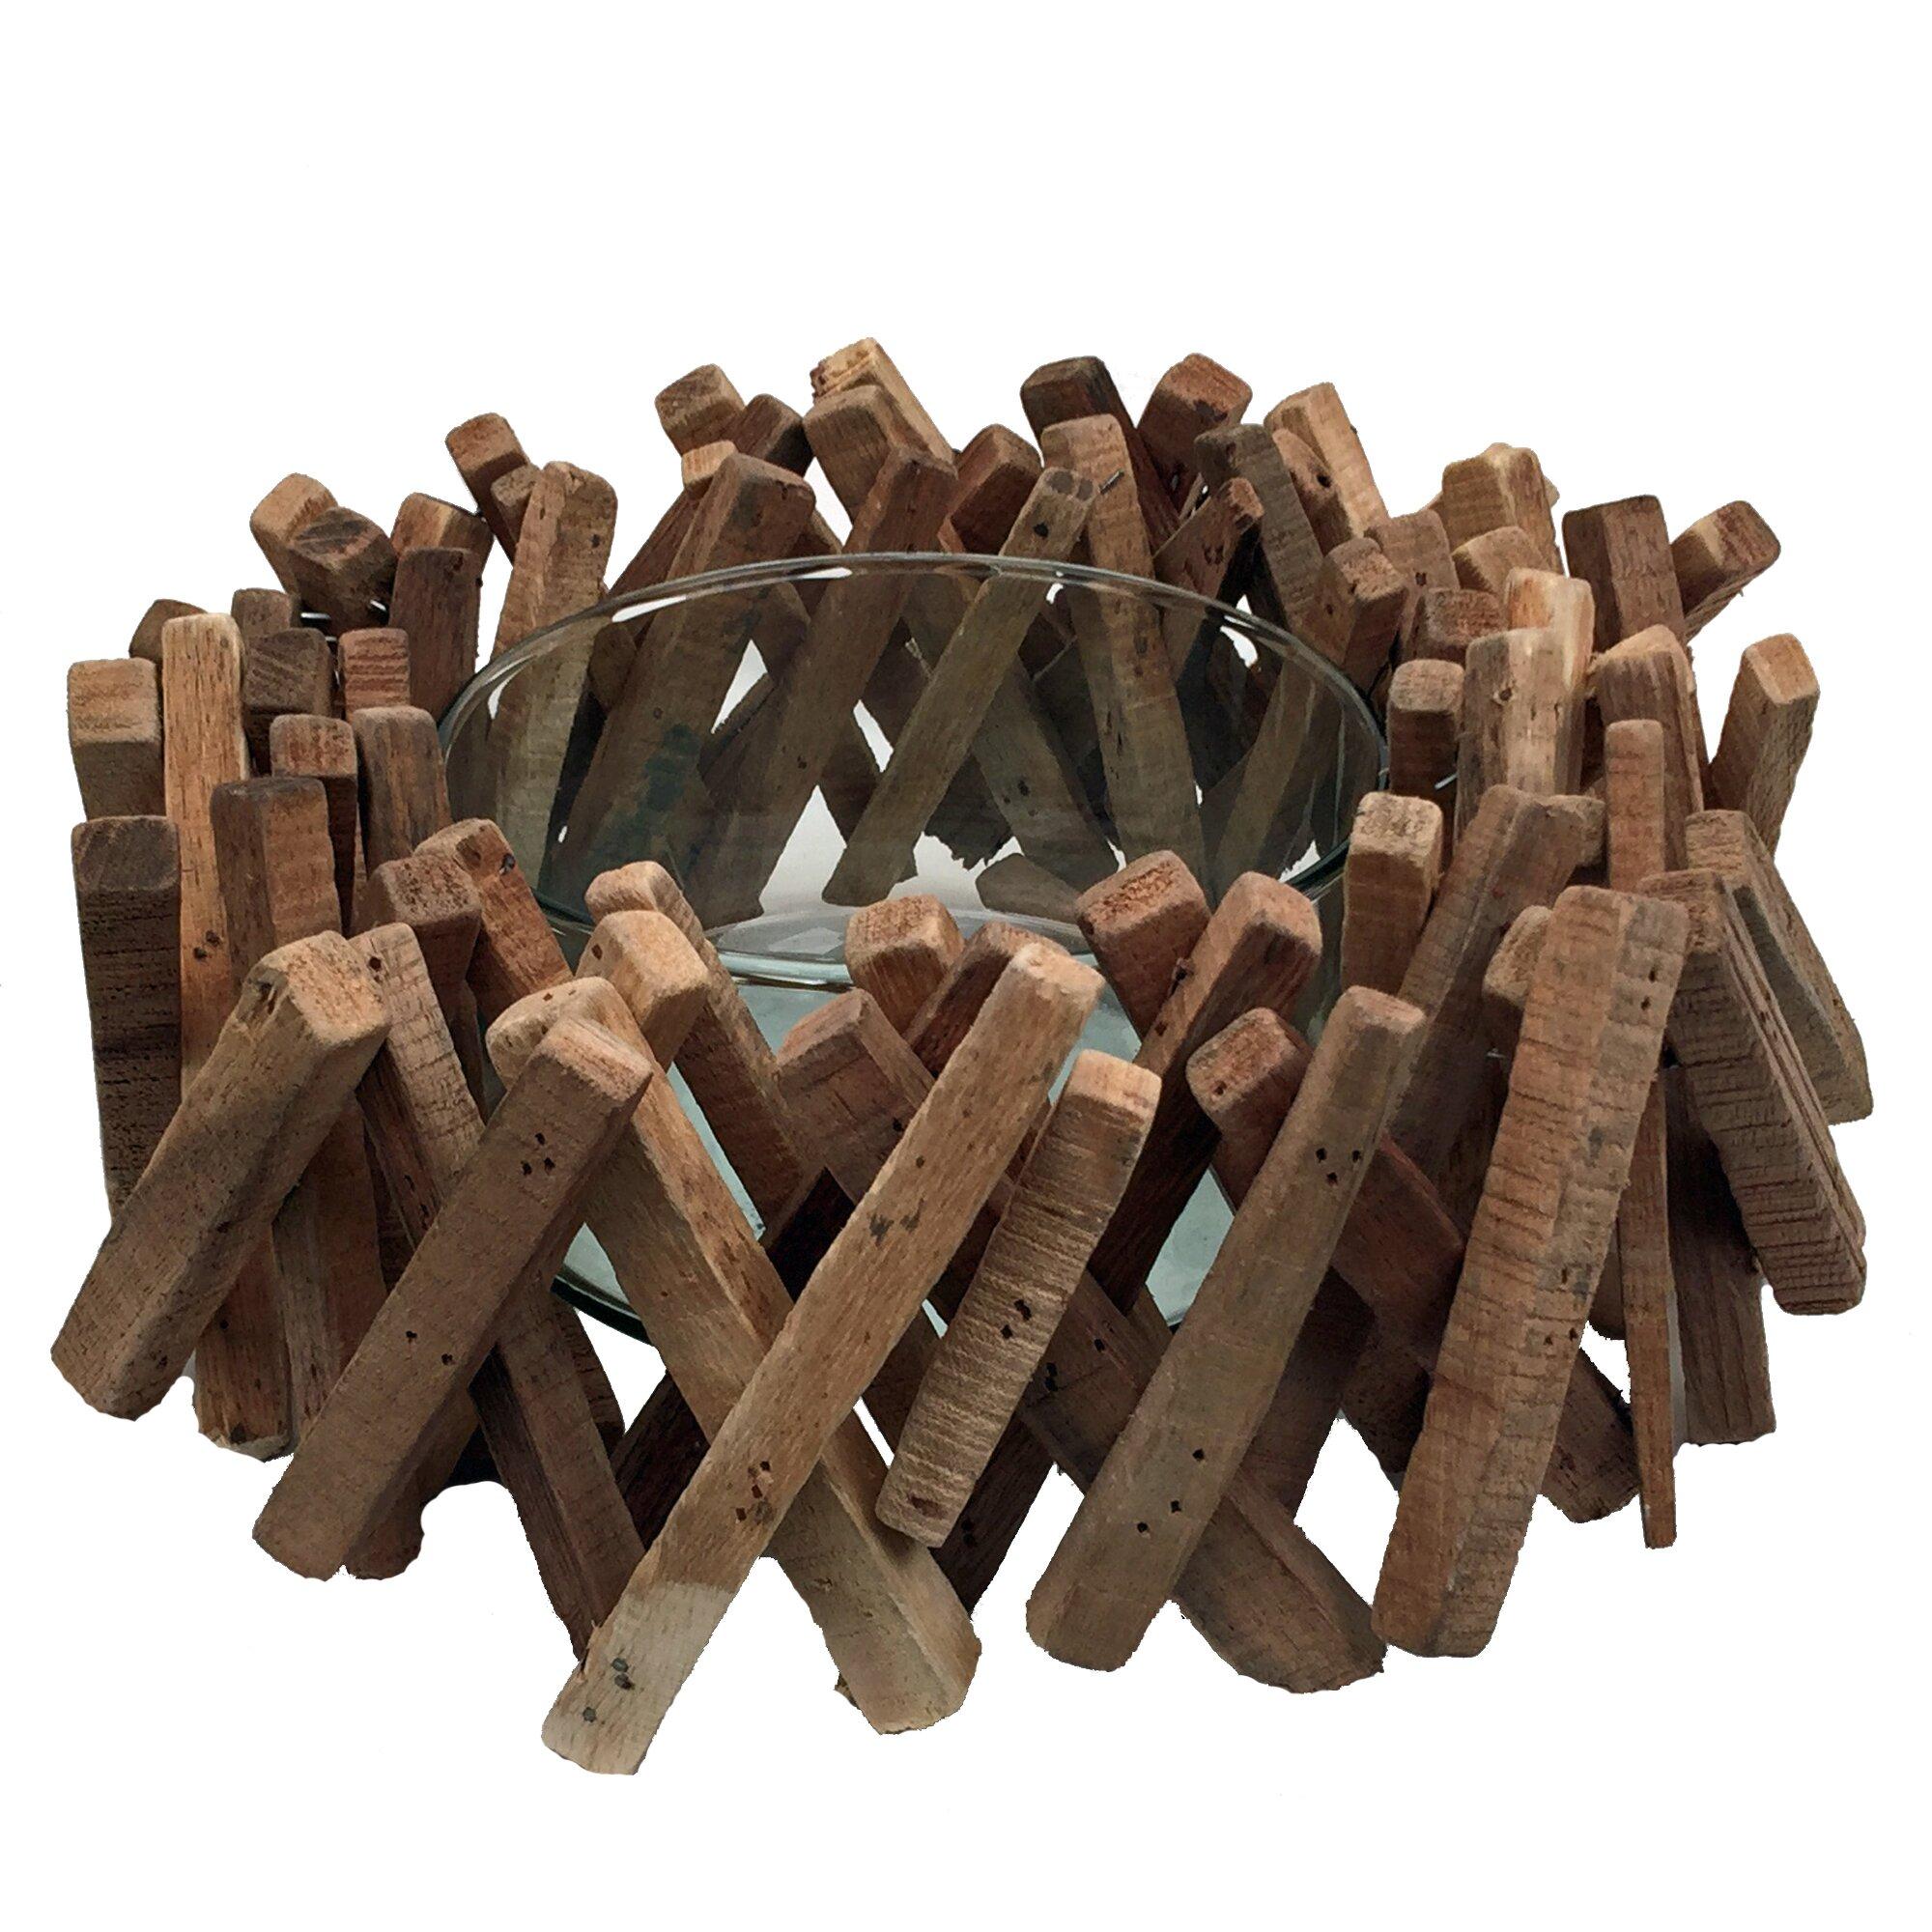 Eangee Home Design Driftwood 22 Piece Acacia Stick Bowl